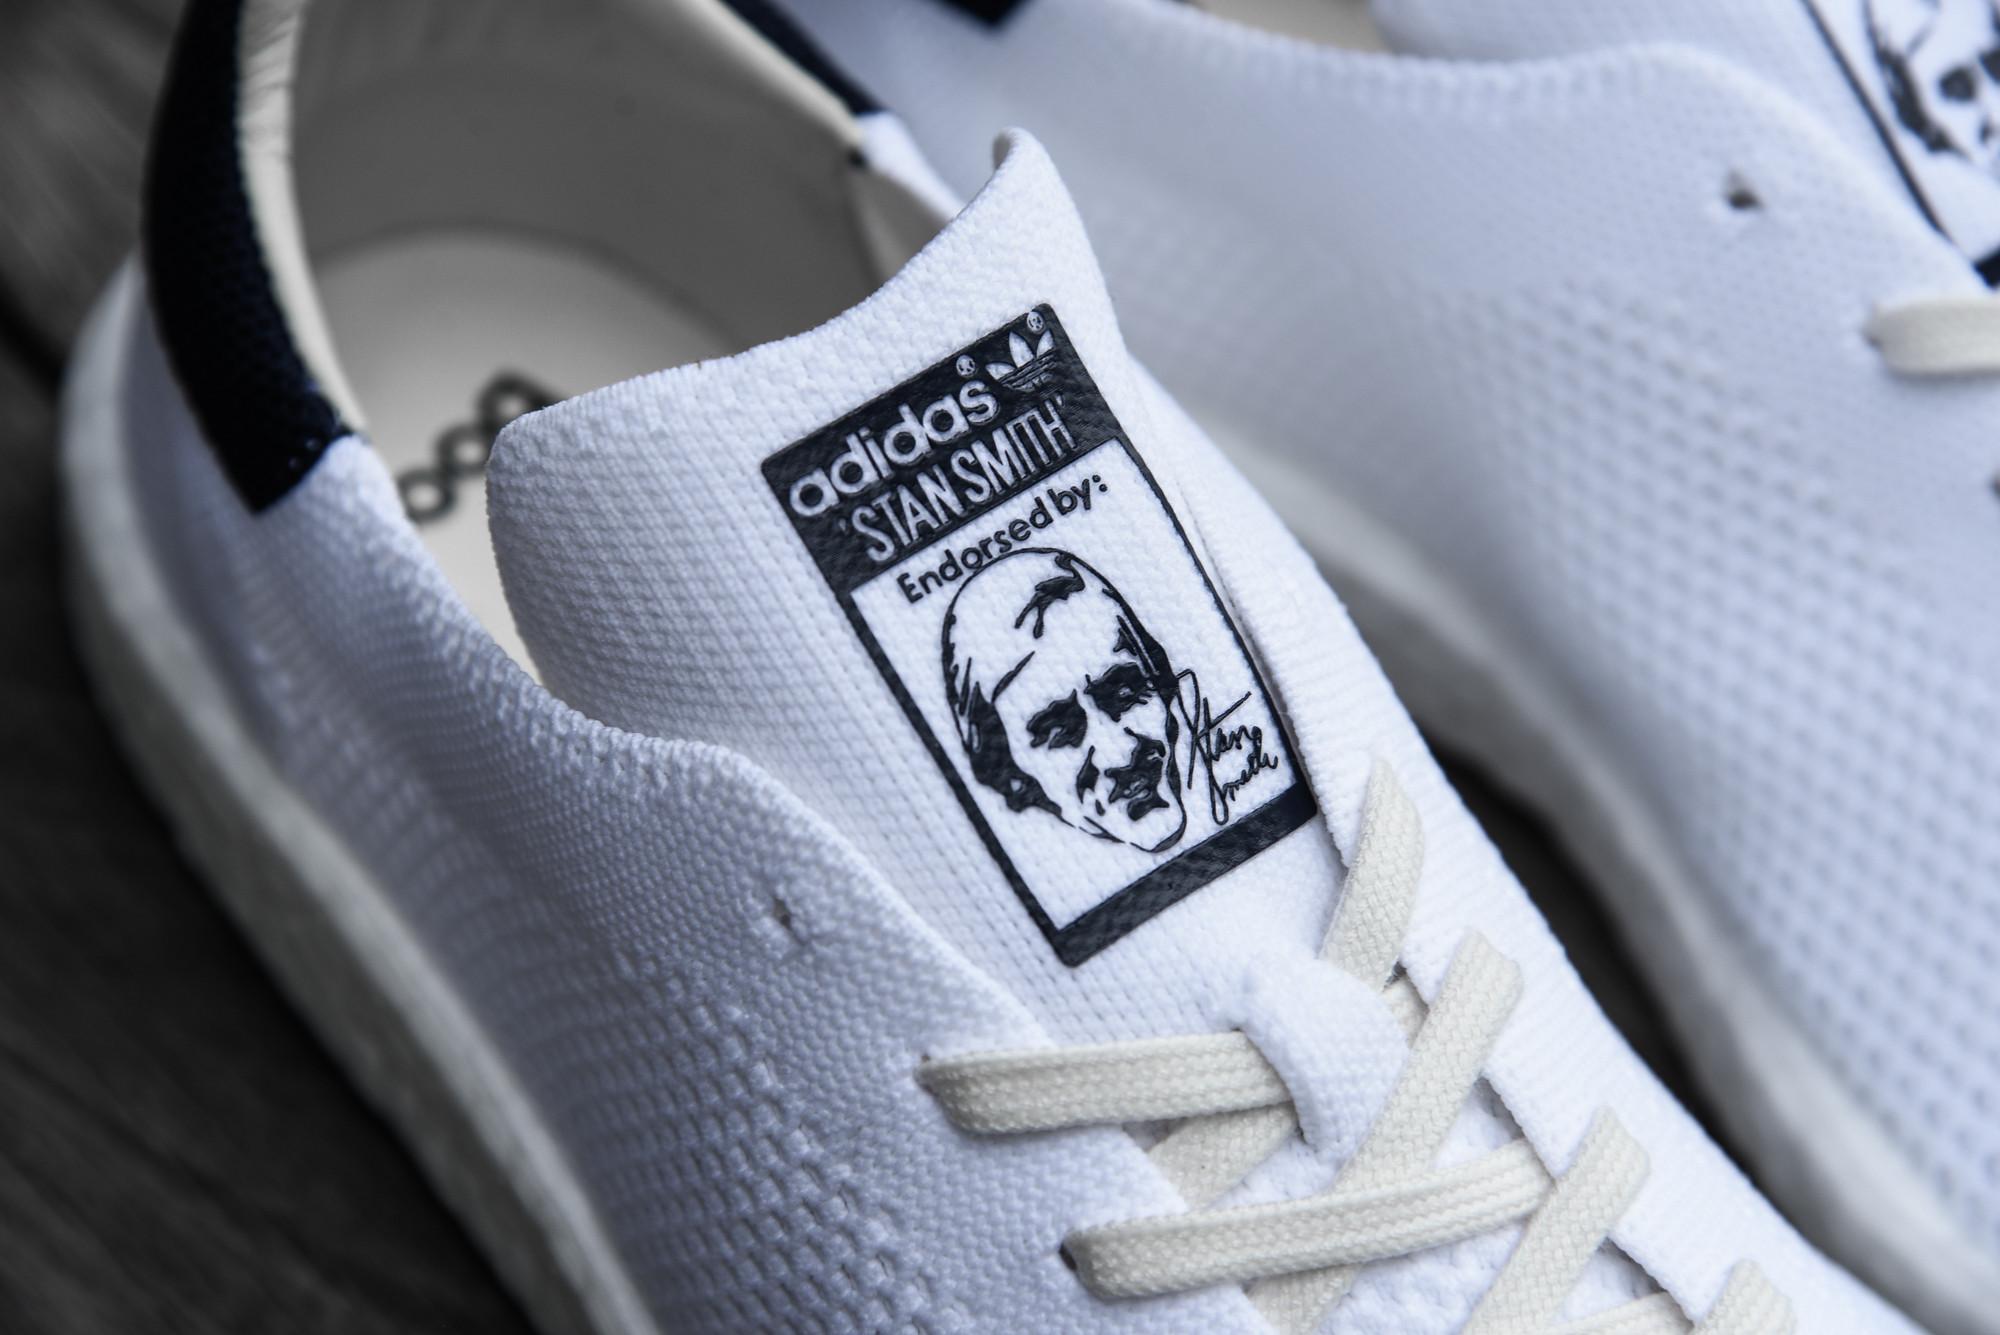 El adidas Stan Smith primeknit Boost es surtido en dos colores